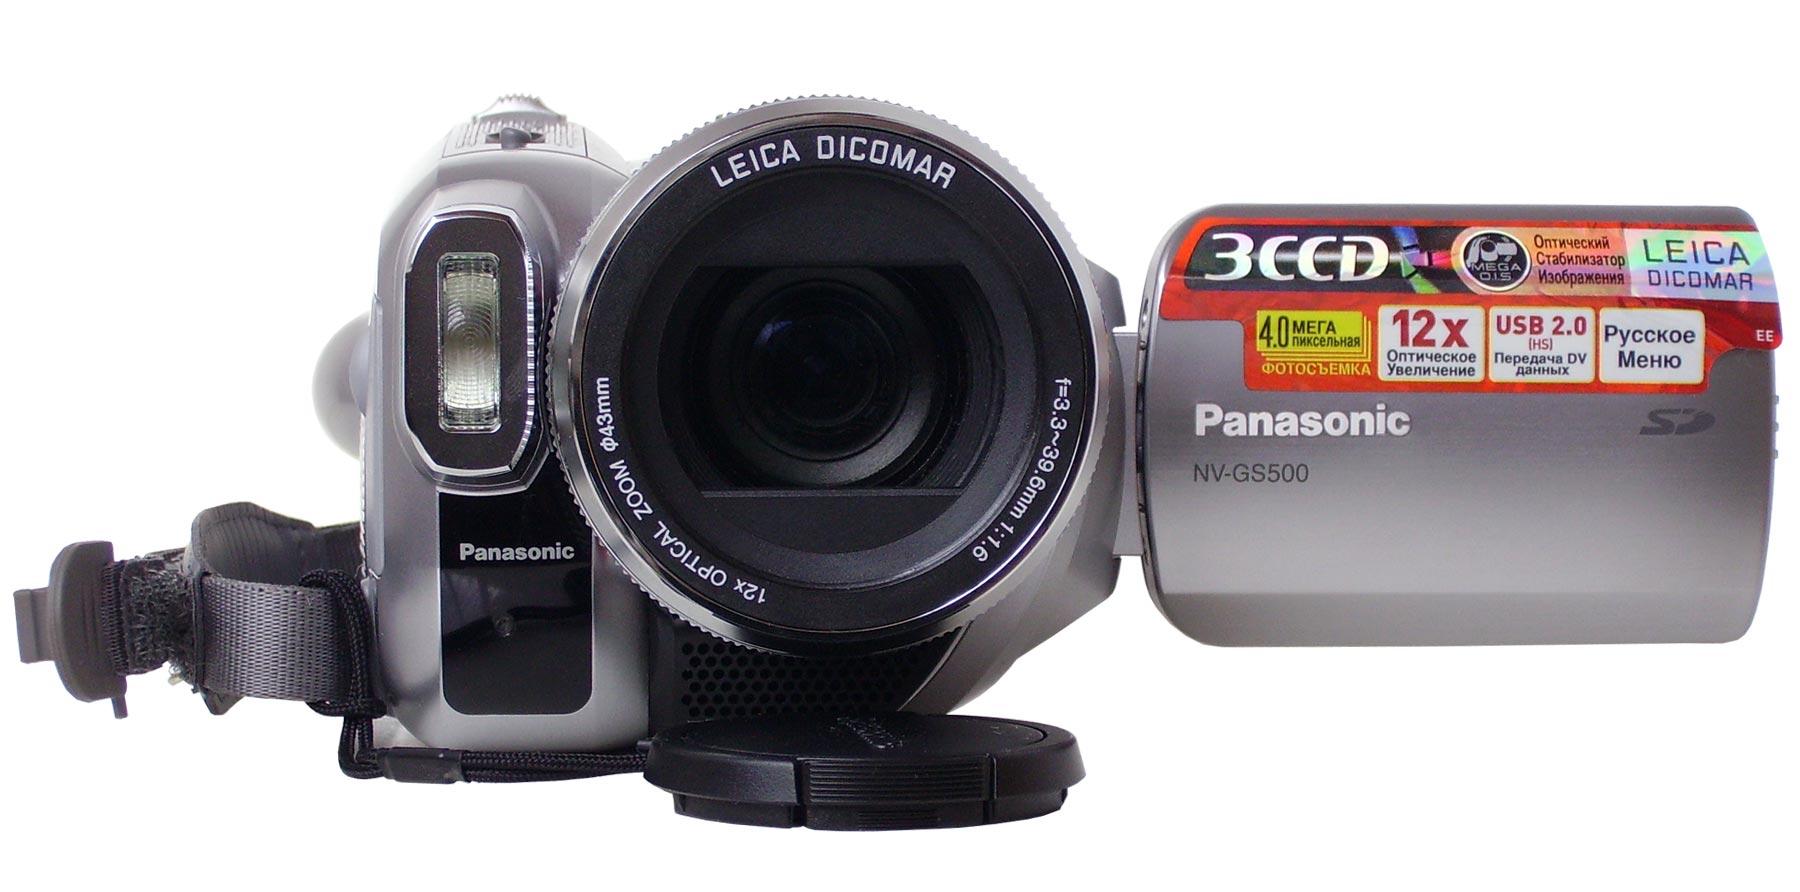 фотографии с камеры: